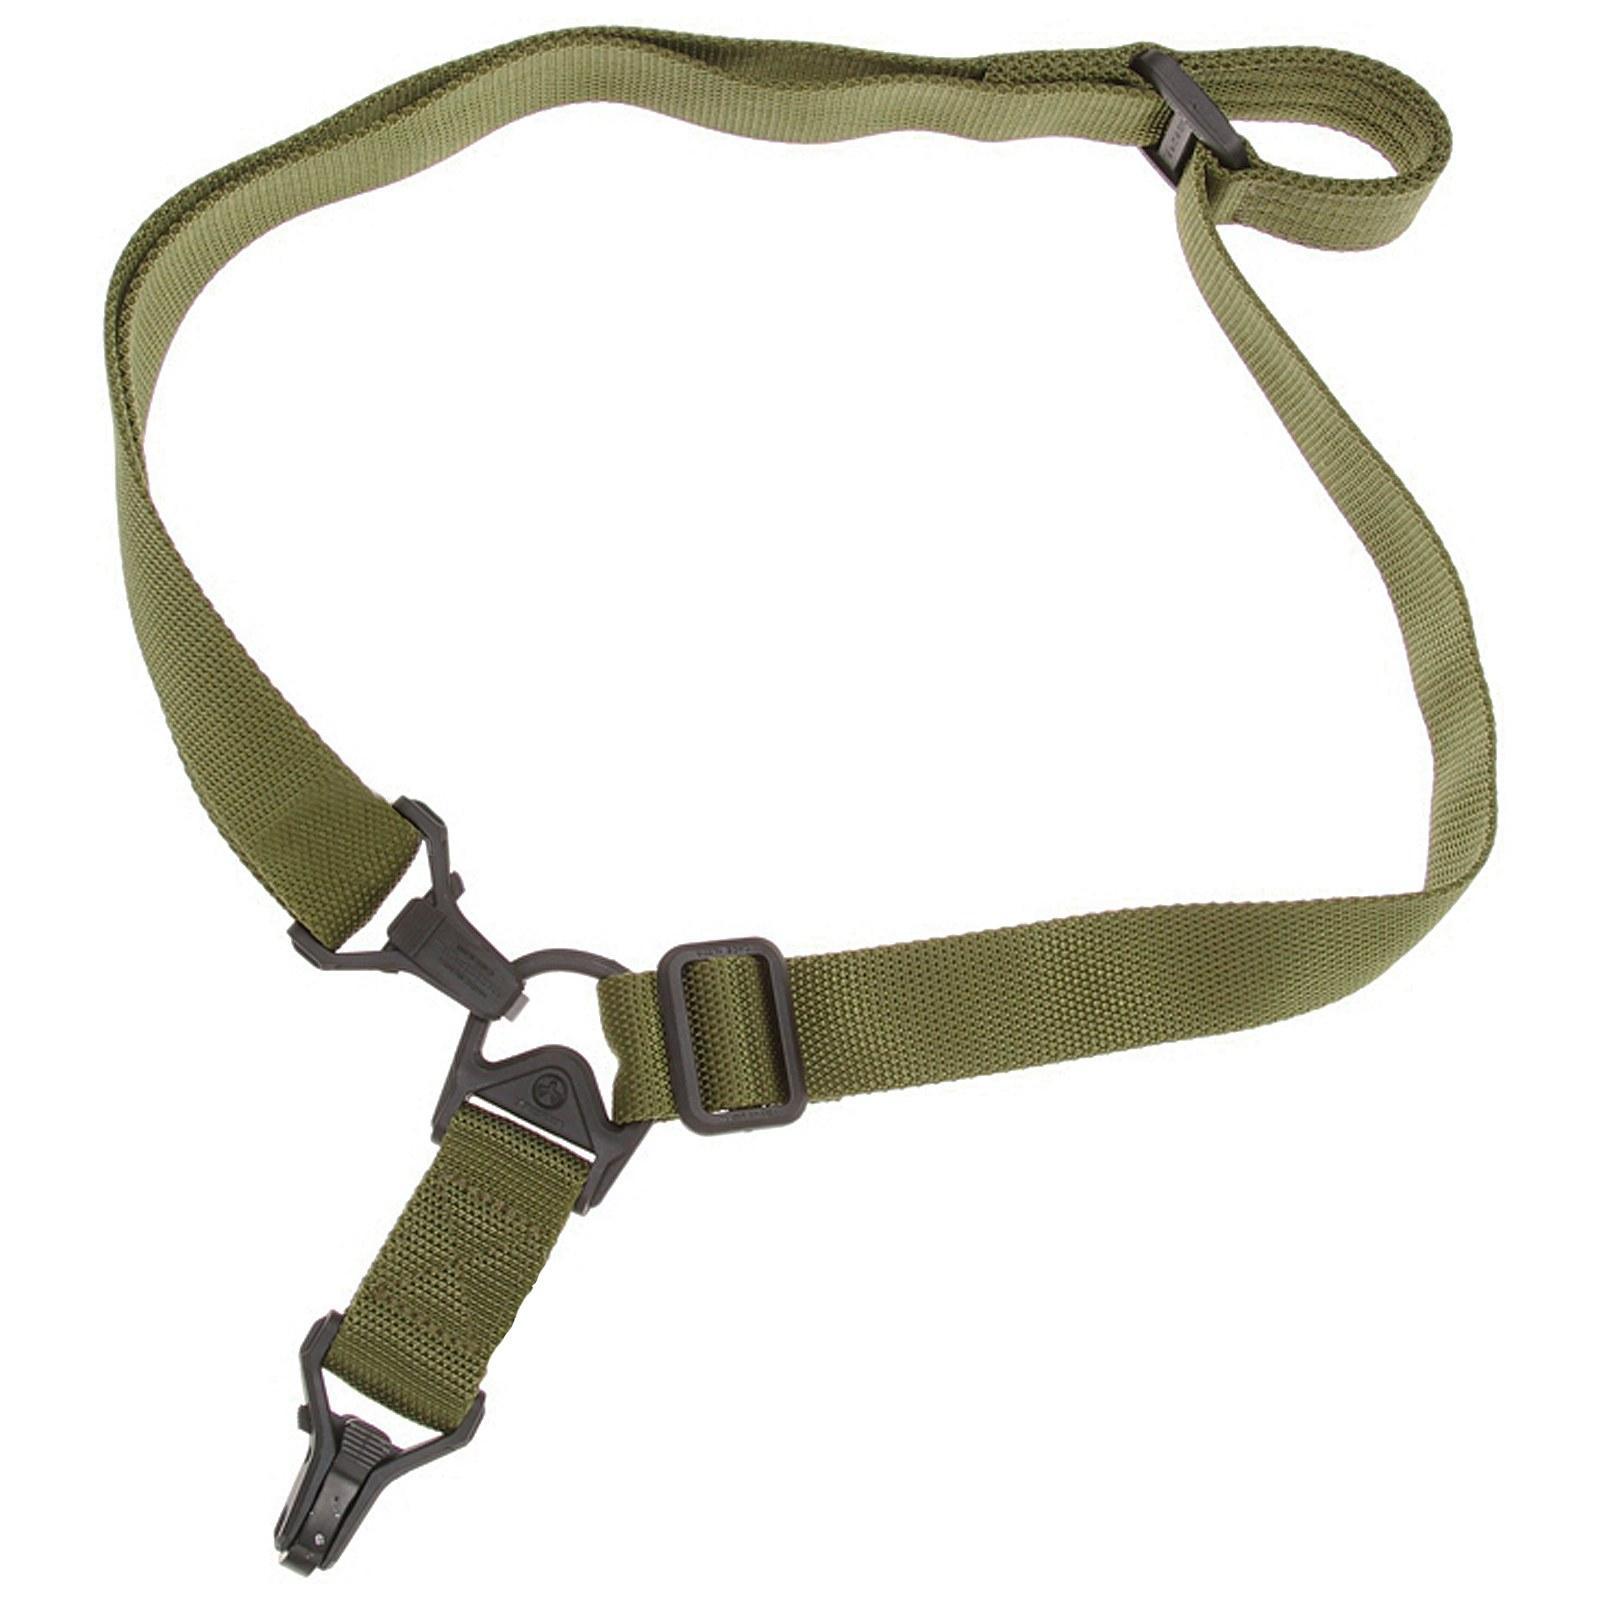 Bretella elastica camo mm.30 per fucile//carabina